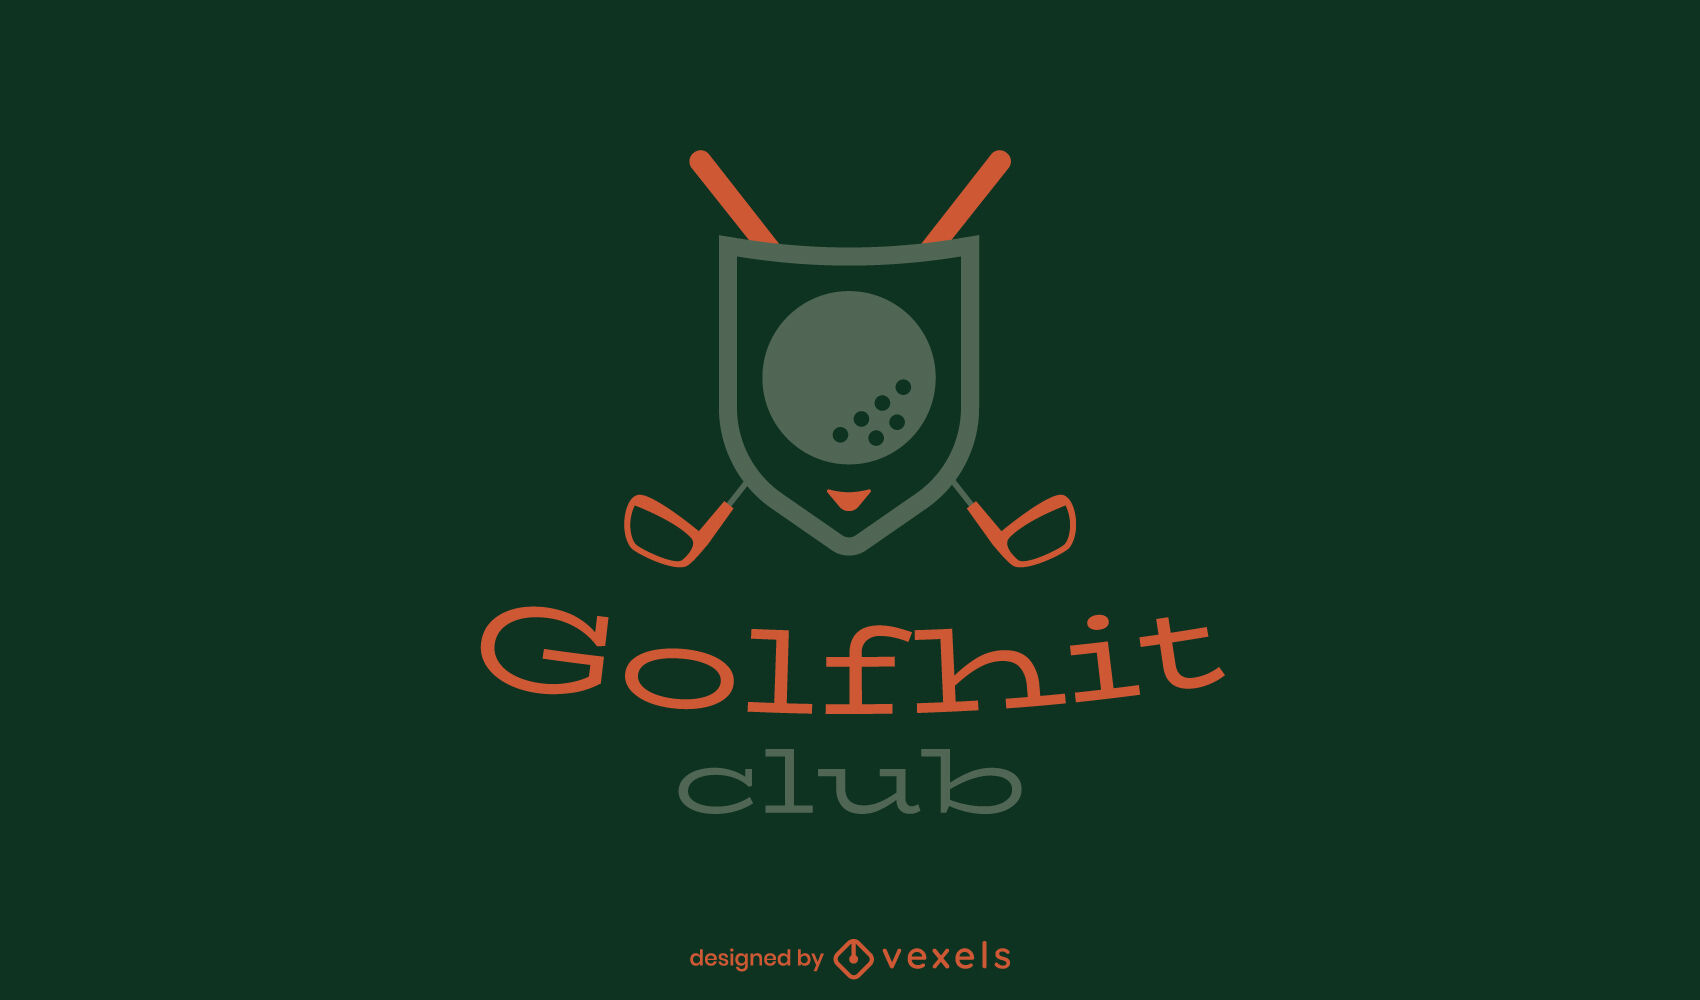 Modelo de logotipo do emblema de tacos de golfe